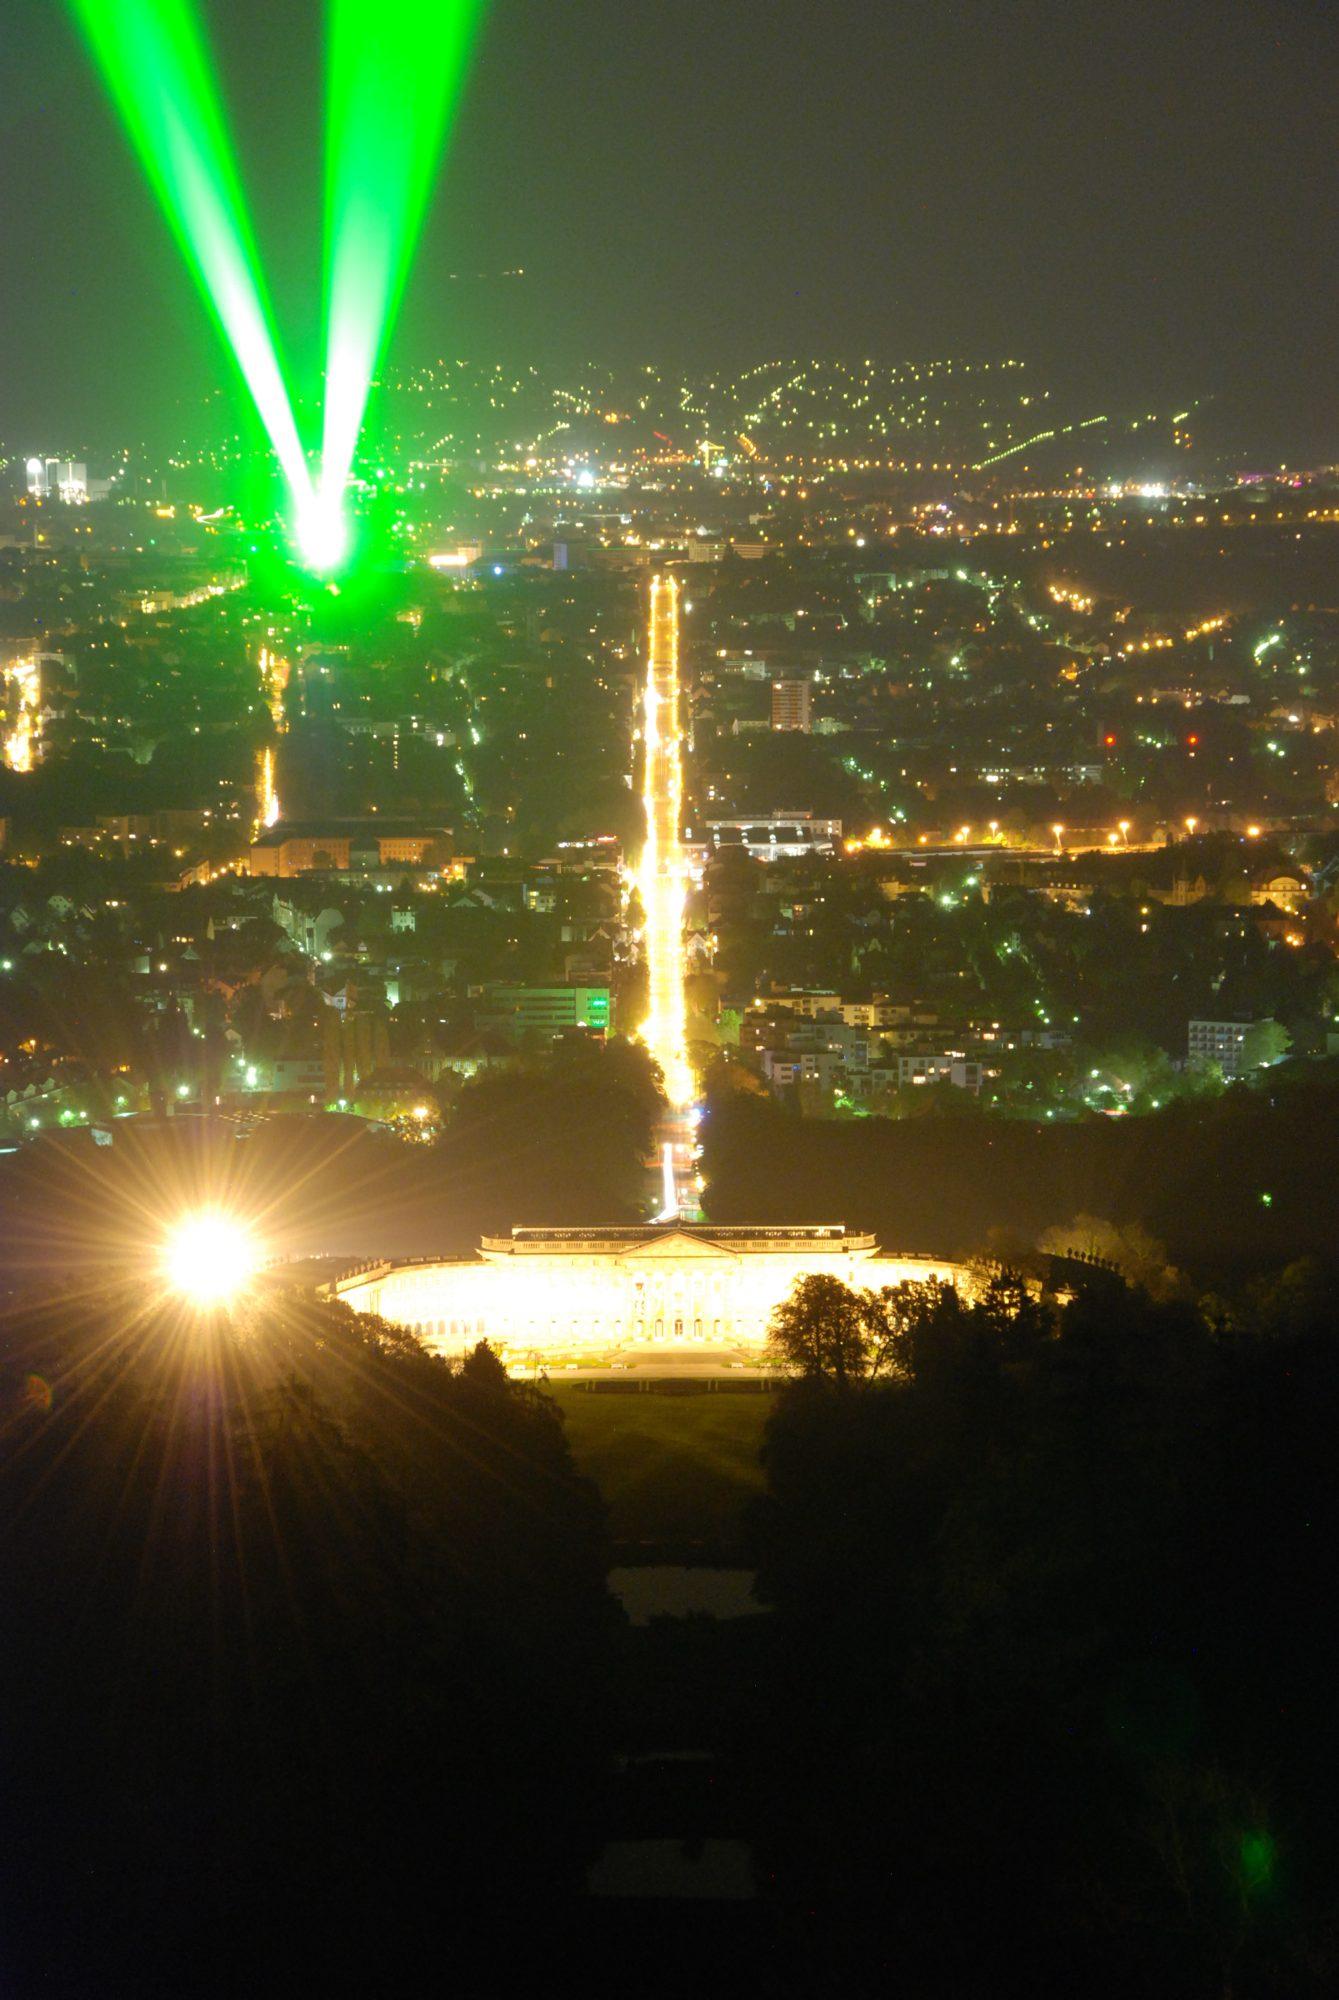 April 2011 - Nachtaufnahmen vom Herkules in Kassel. Laserscape auf den Herkules.